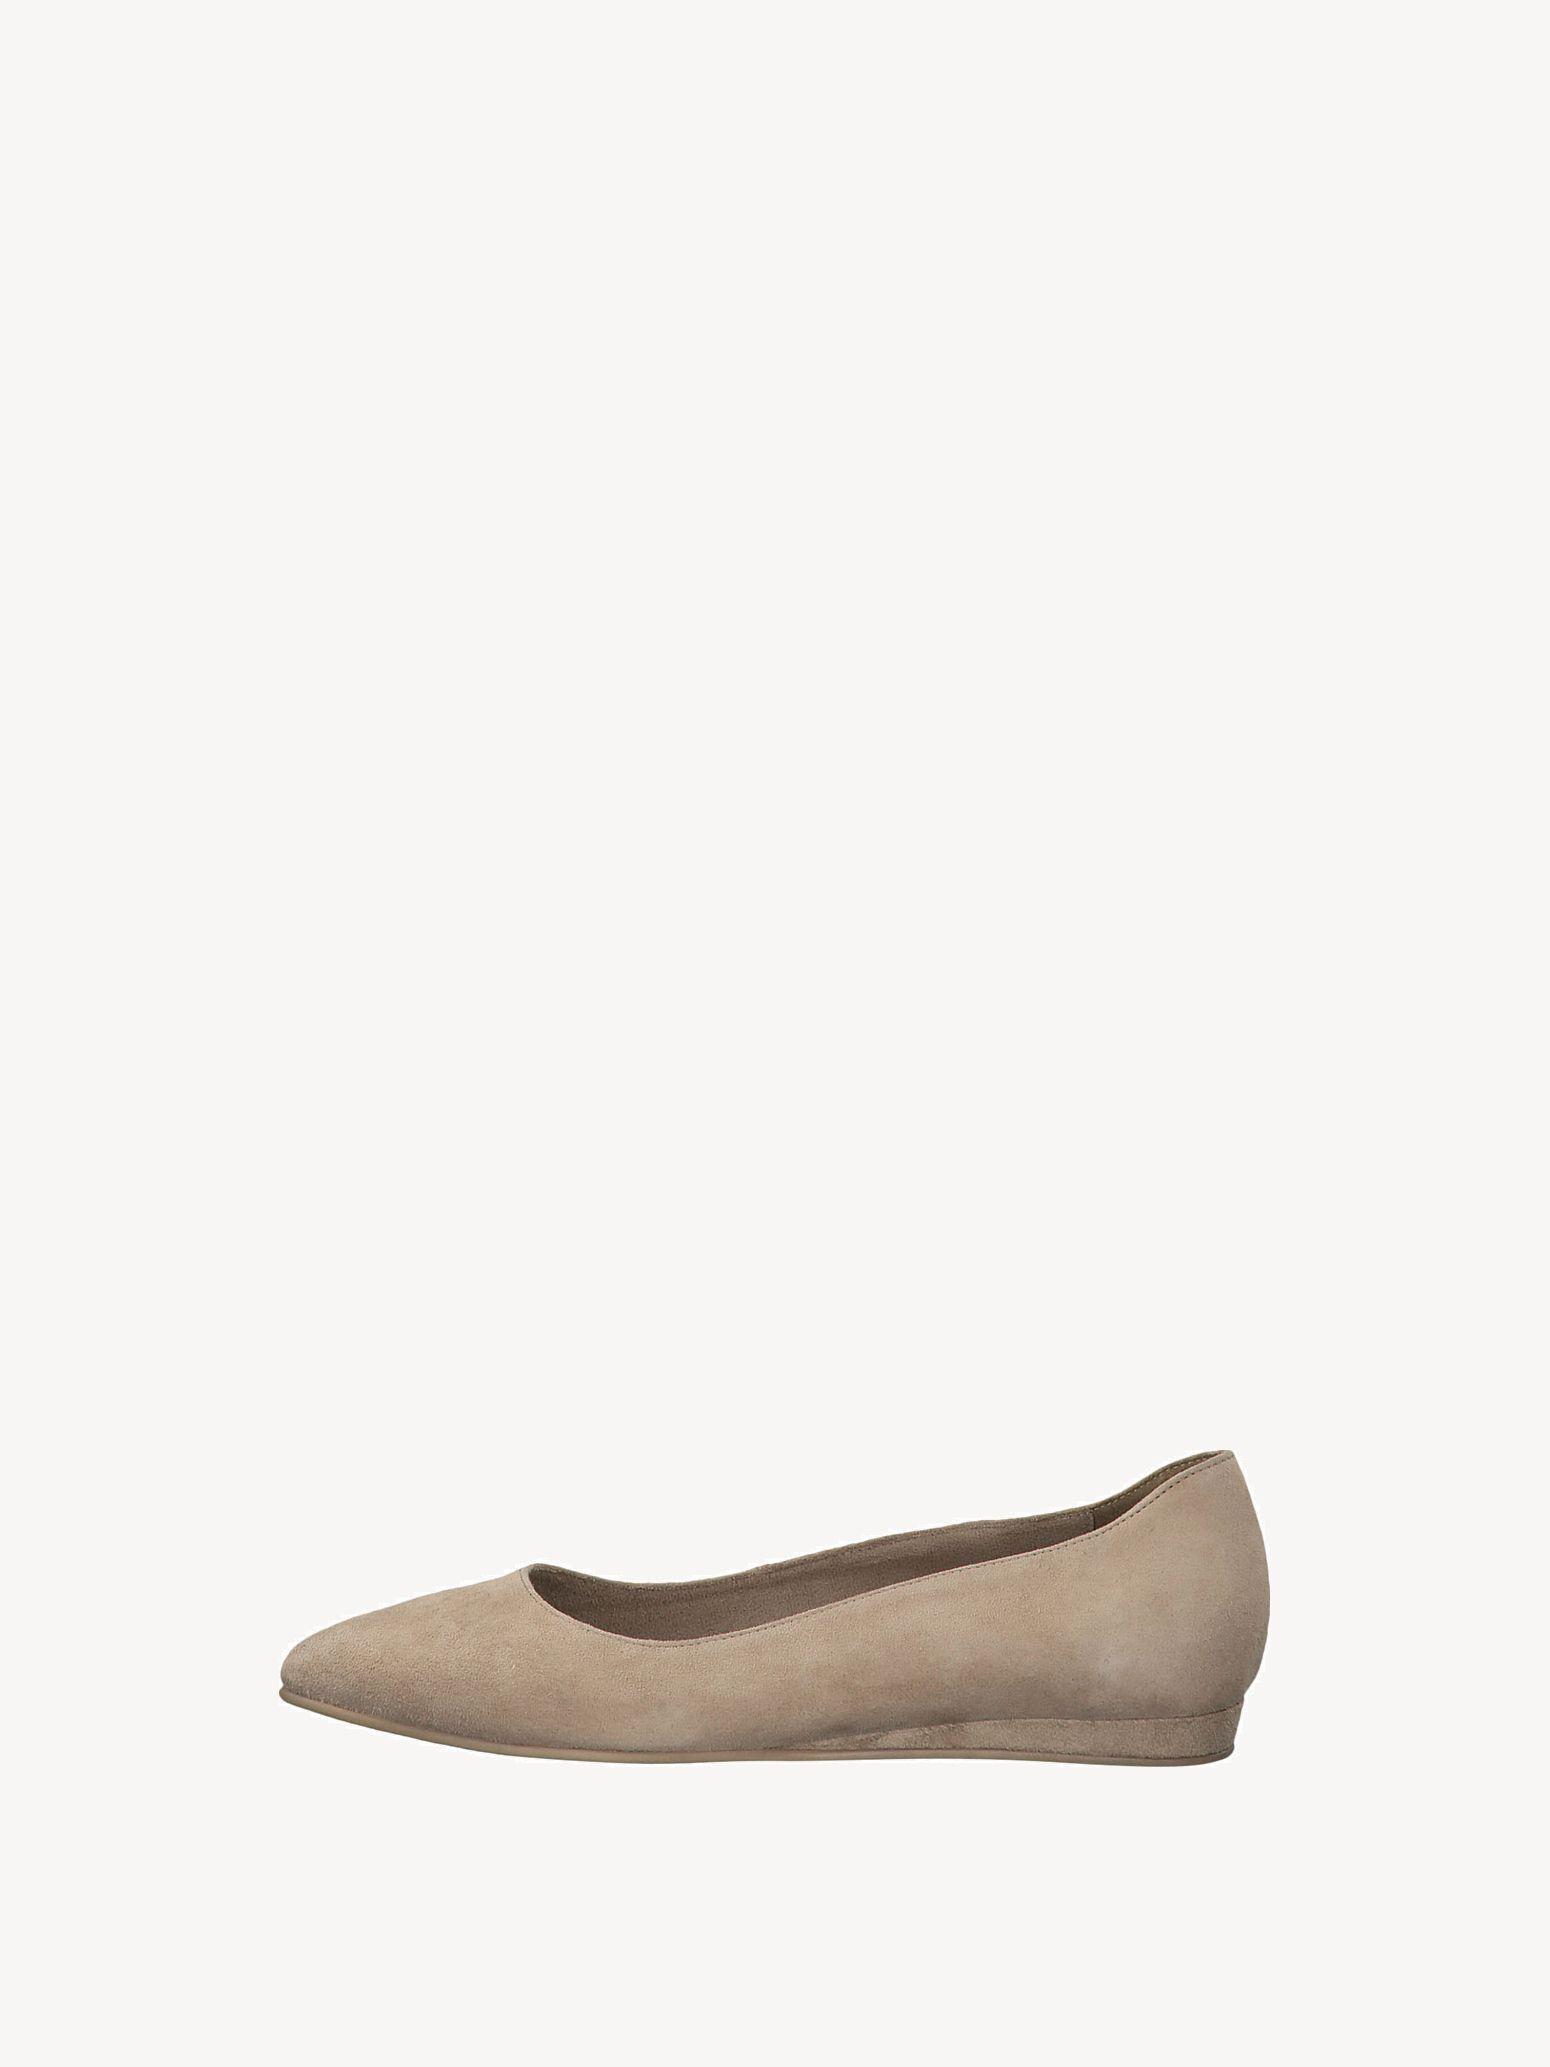 Tamaris chaussures femmes Ballerines